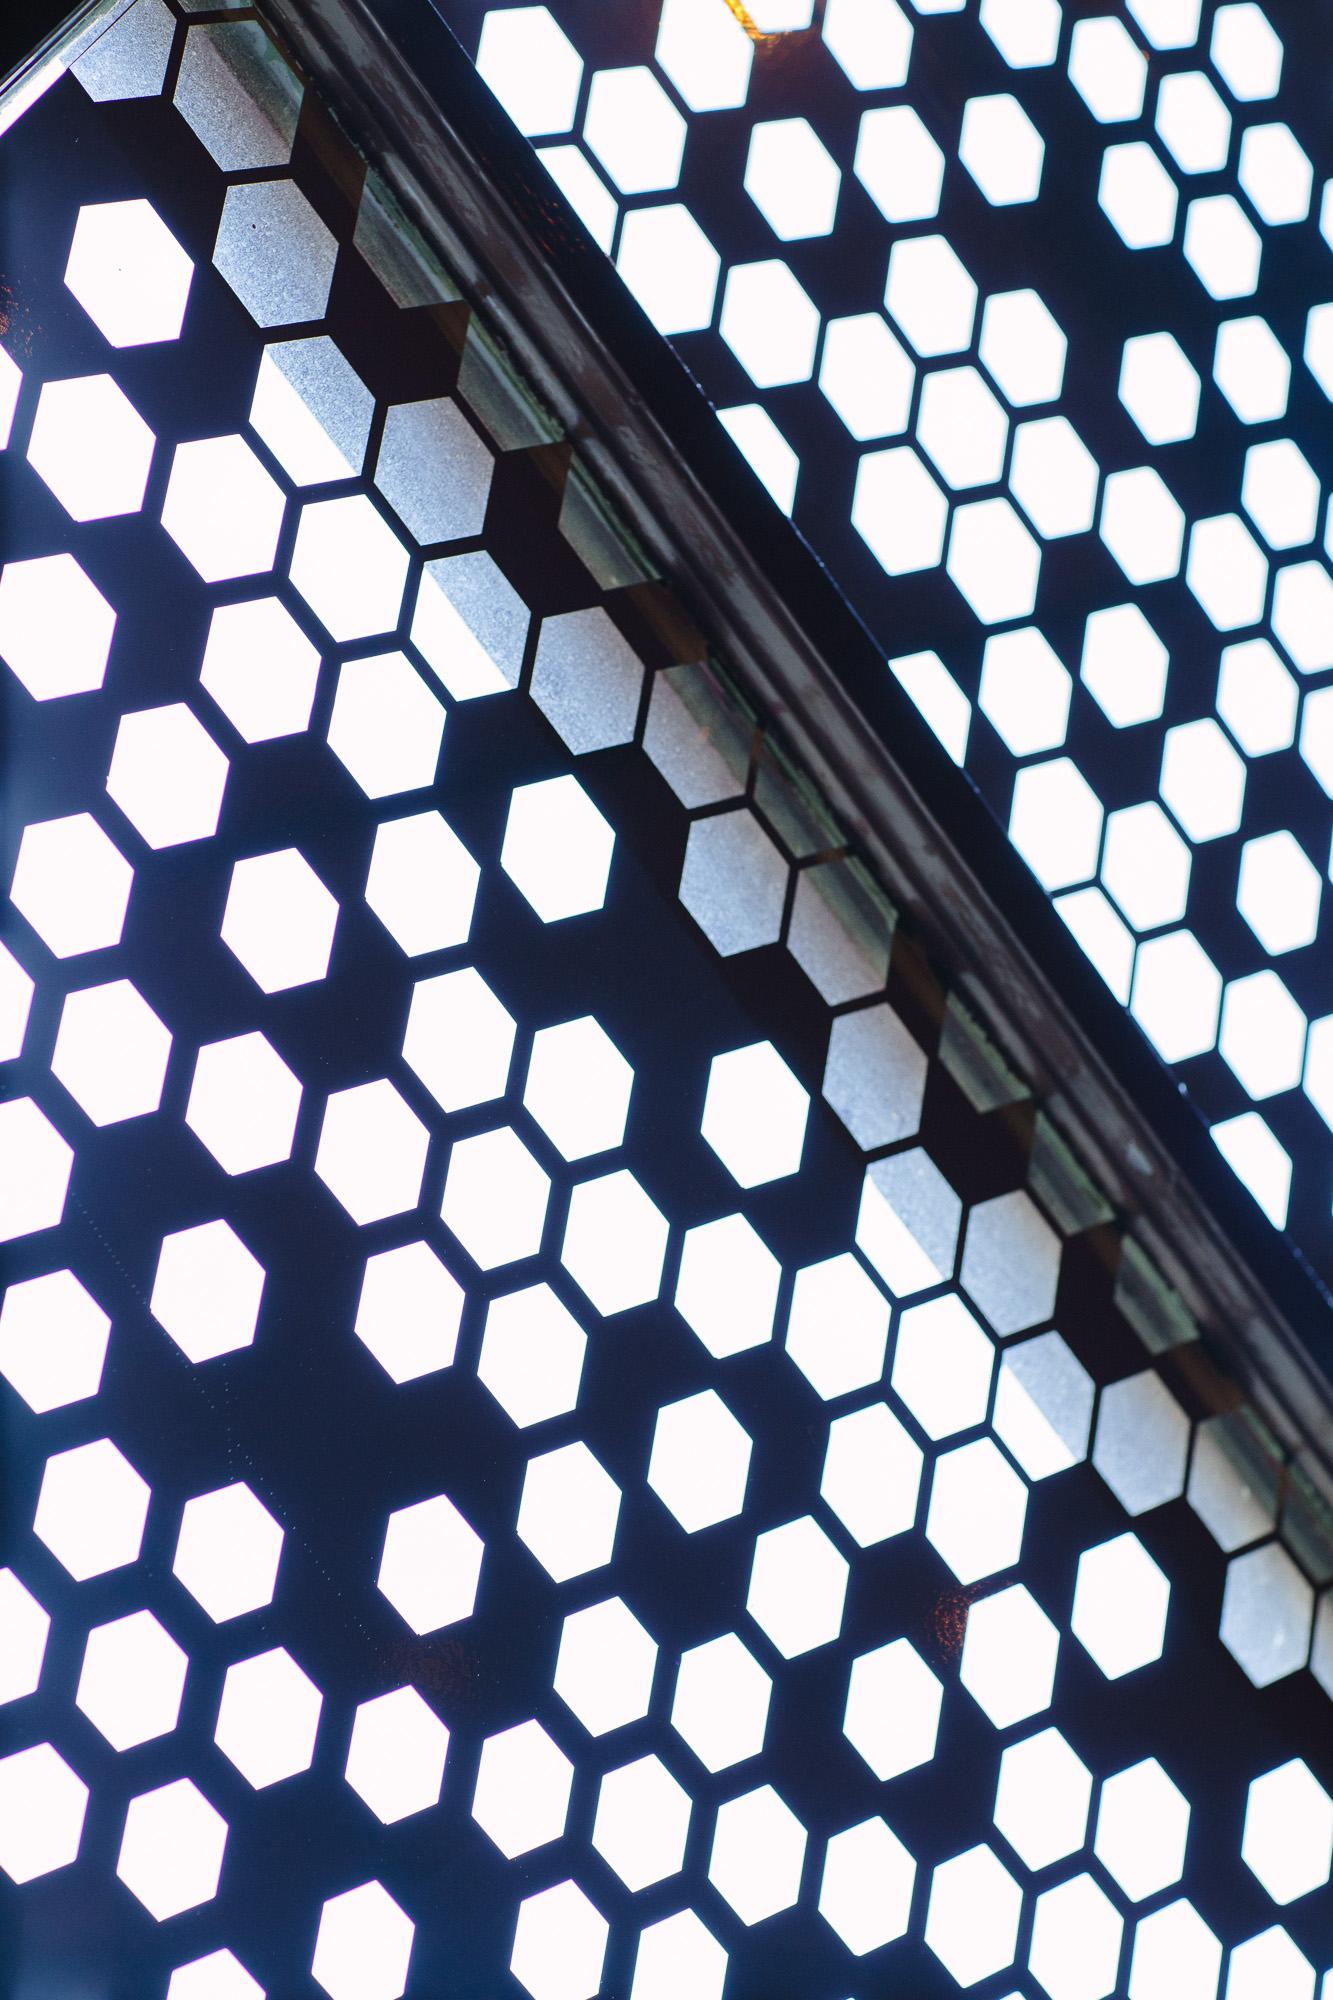 lowres_bees-2.jpg